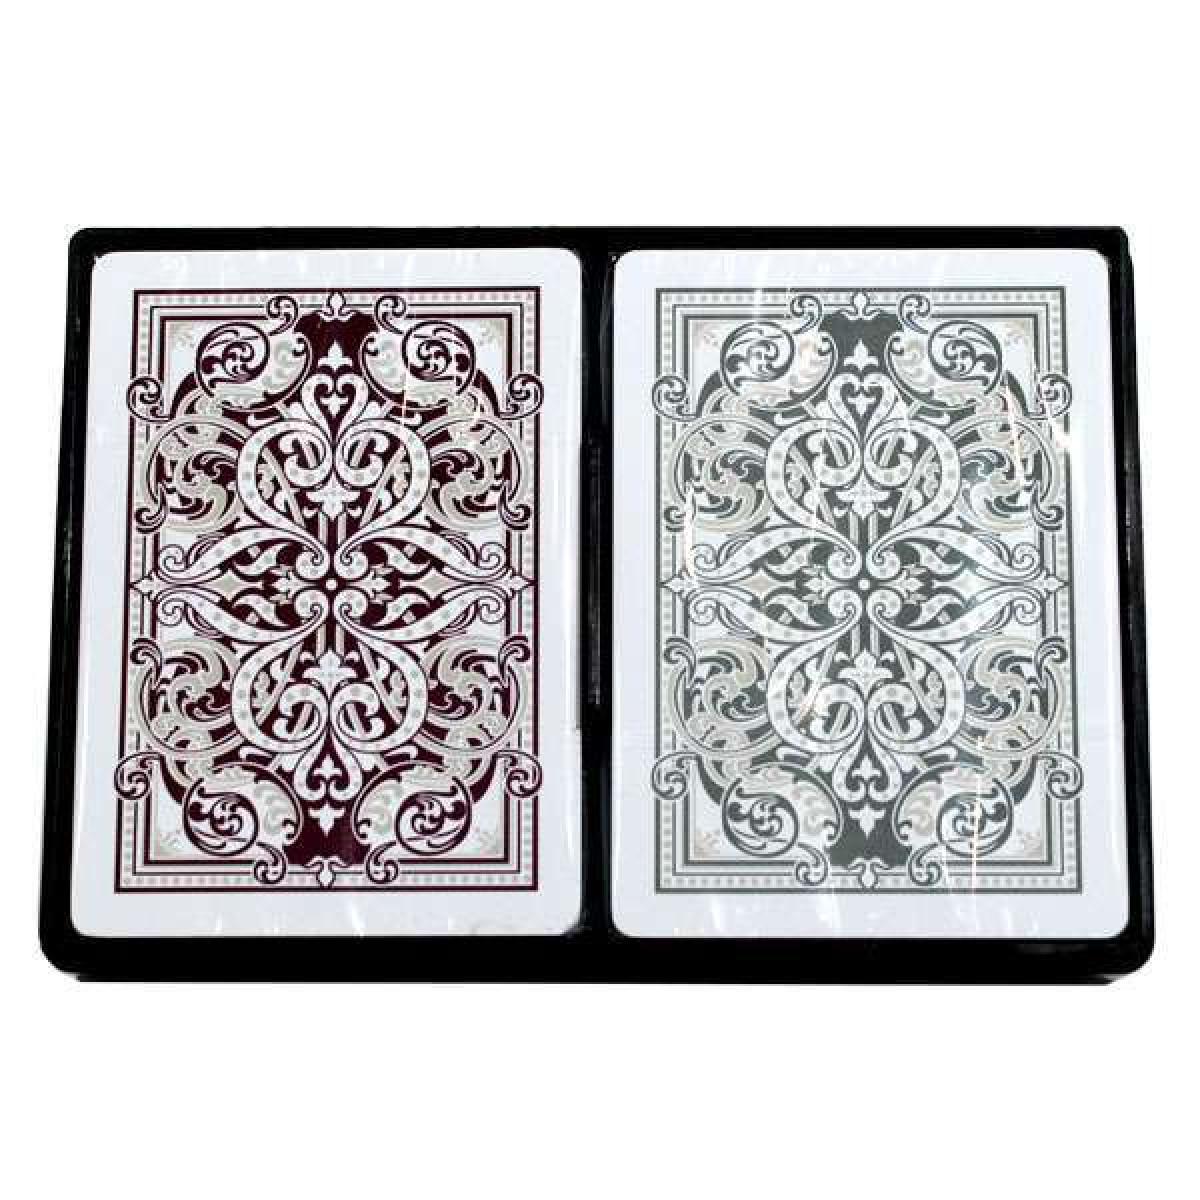 Kem cards poker size